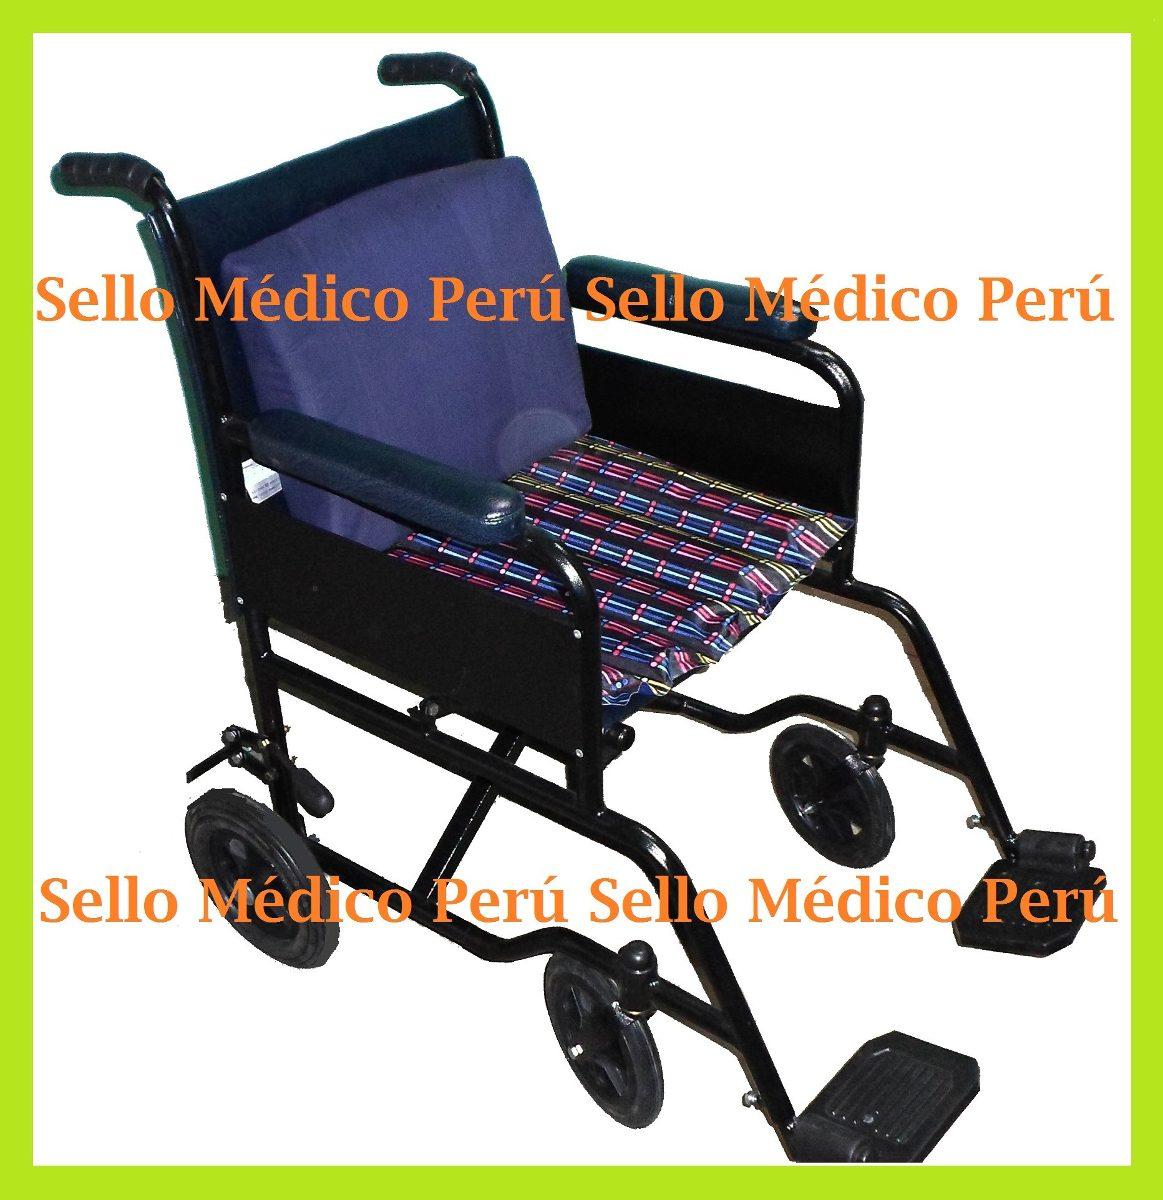 Cojin lumbar para silla de ruedas soporte lumbar postura s 44 00 en mercado libre - Cojin lumbar para silla de oficina ...